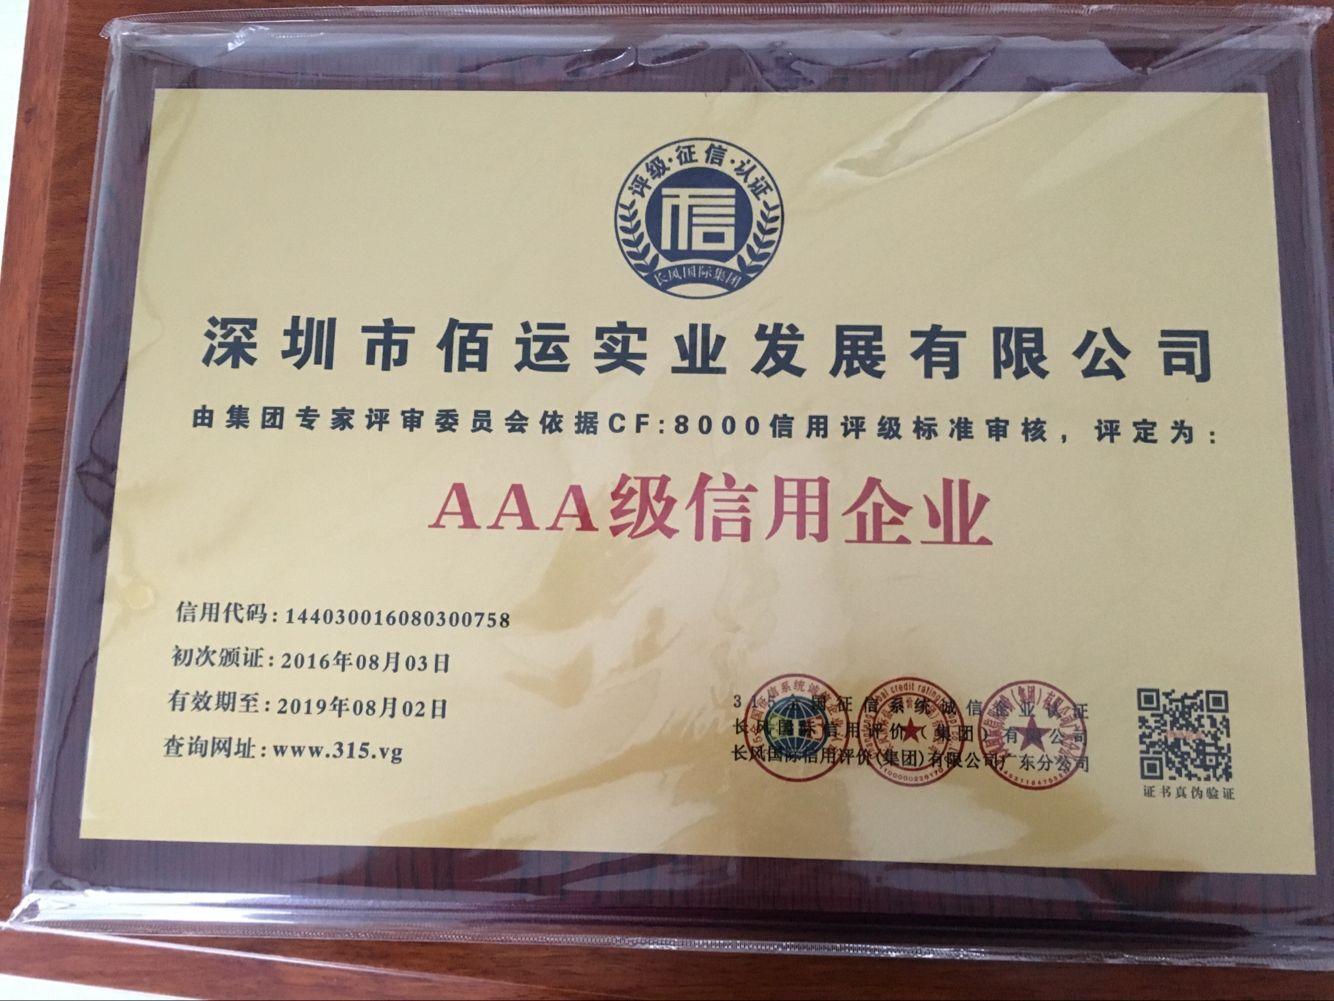 东莞企业AAA信用评级